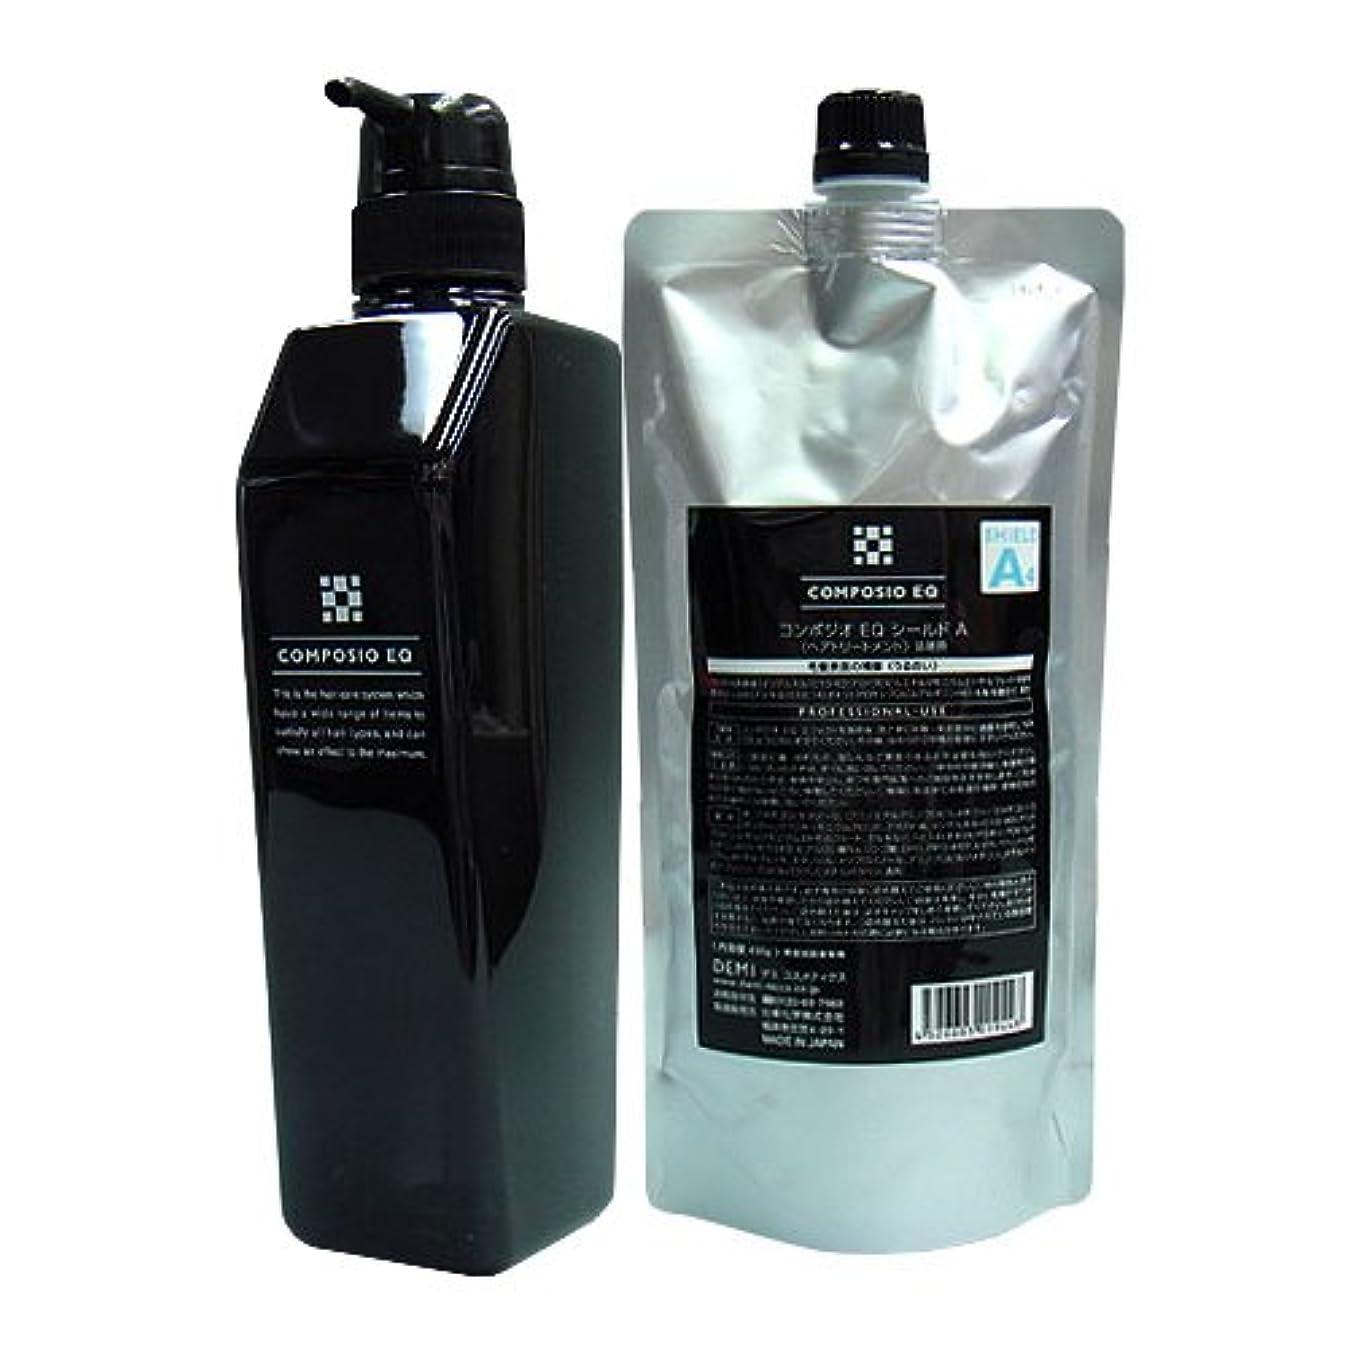 見つけるチョップ活力デミ コンポジオ EQ シールド A 詰替え ボトルセット うるおいタイプ 450g